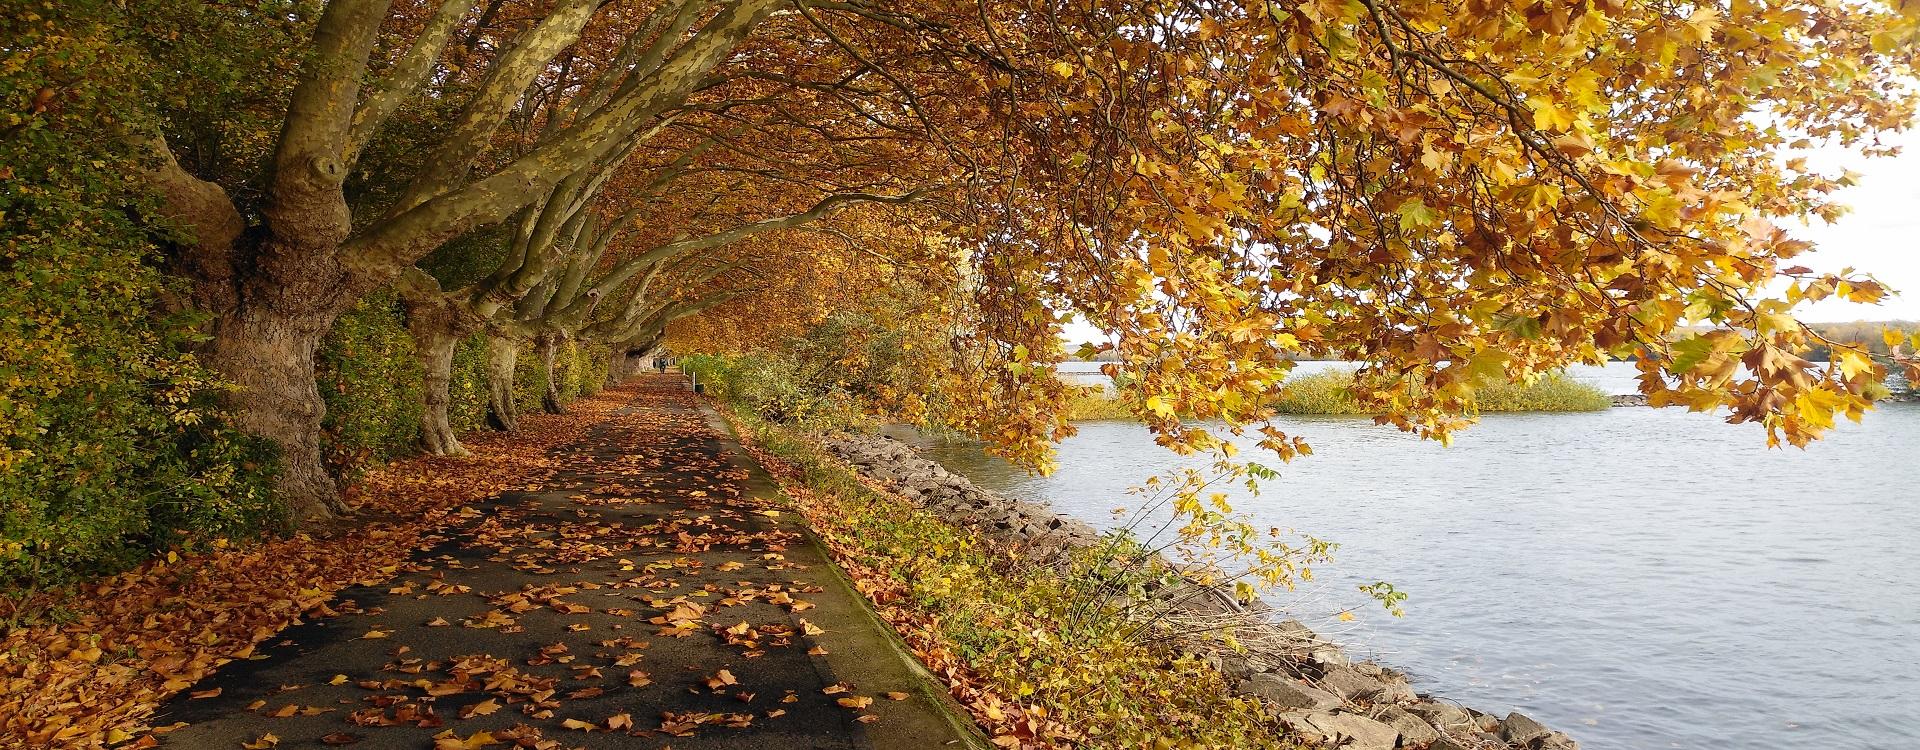 HerbstamRhein